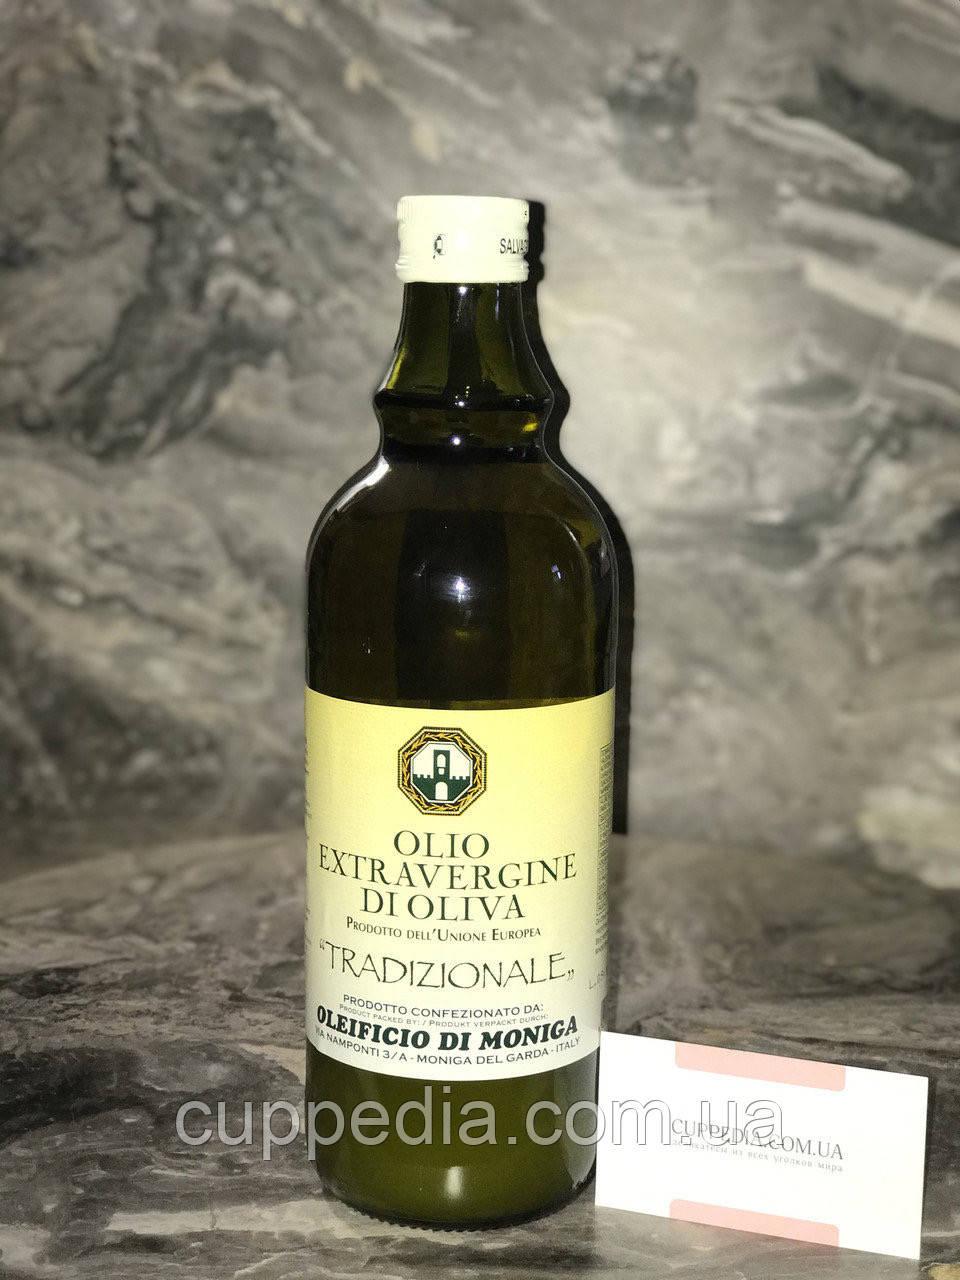 Оливкова олія Olefico di moniga Tradizionale 1л